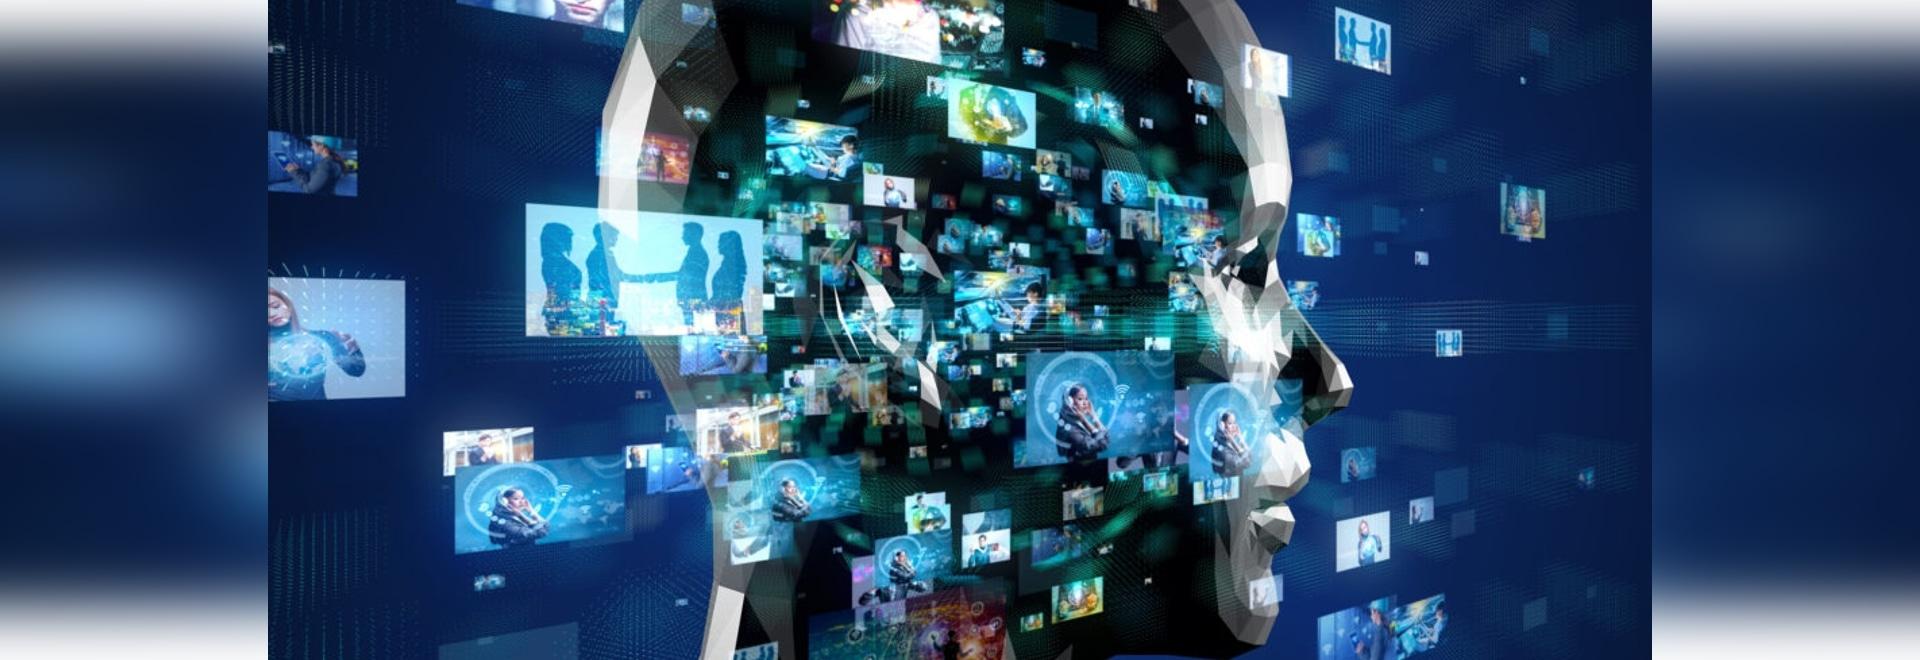 Robotik-Trends, die im Jahr 2020 zu beobachten sind: Unsere 8 großen Vorhersagen